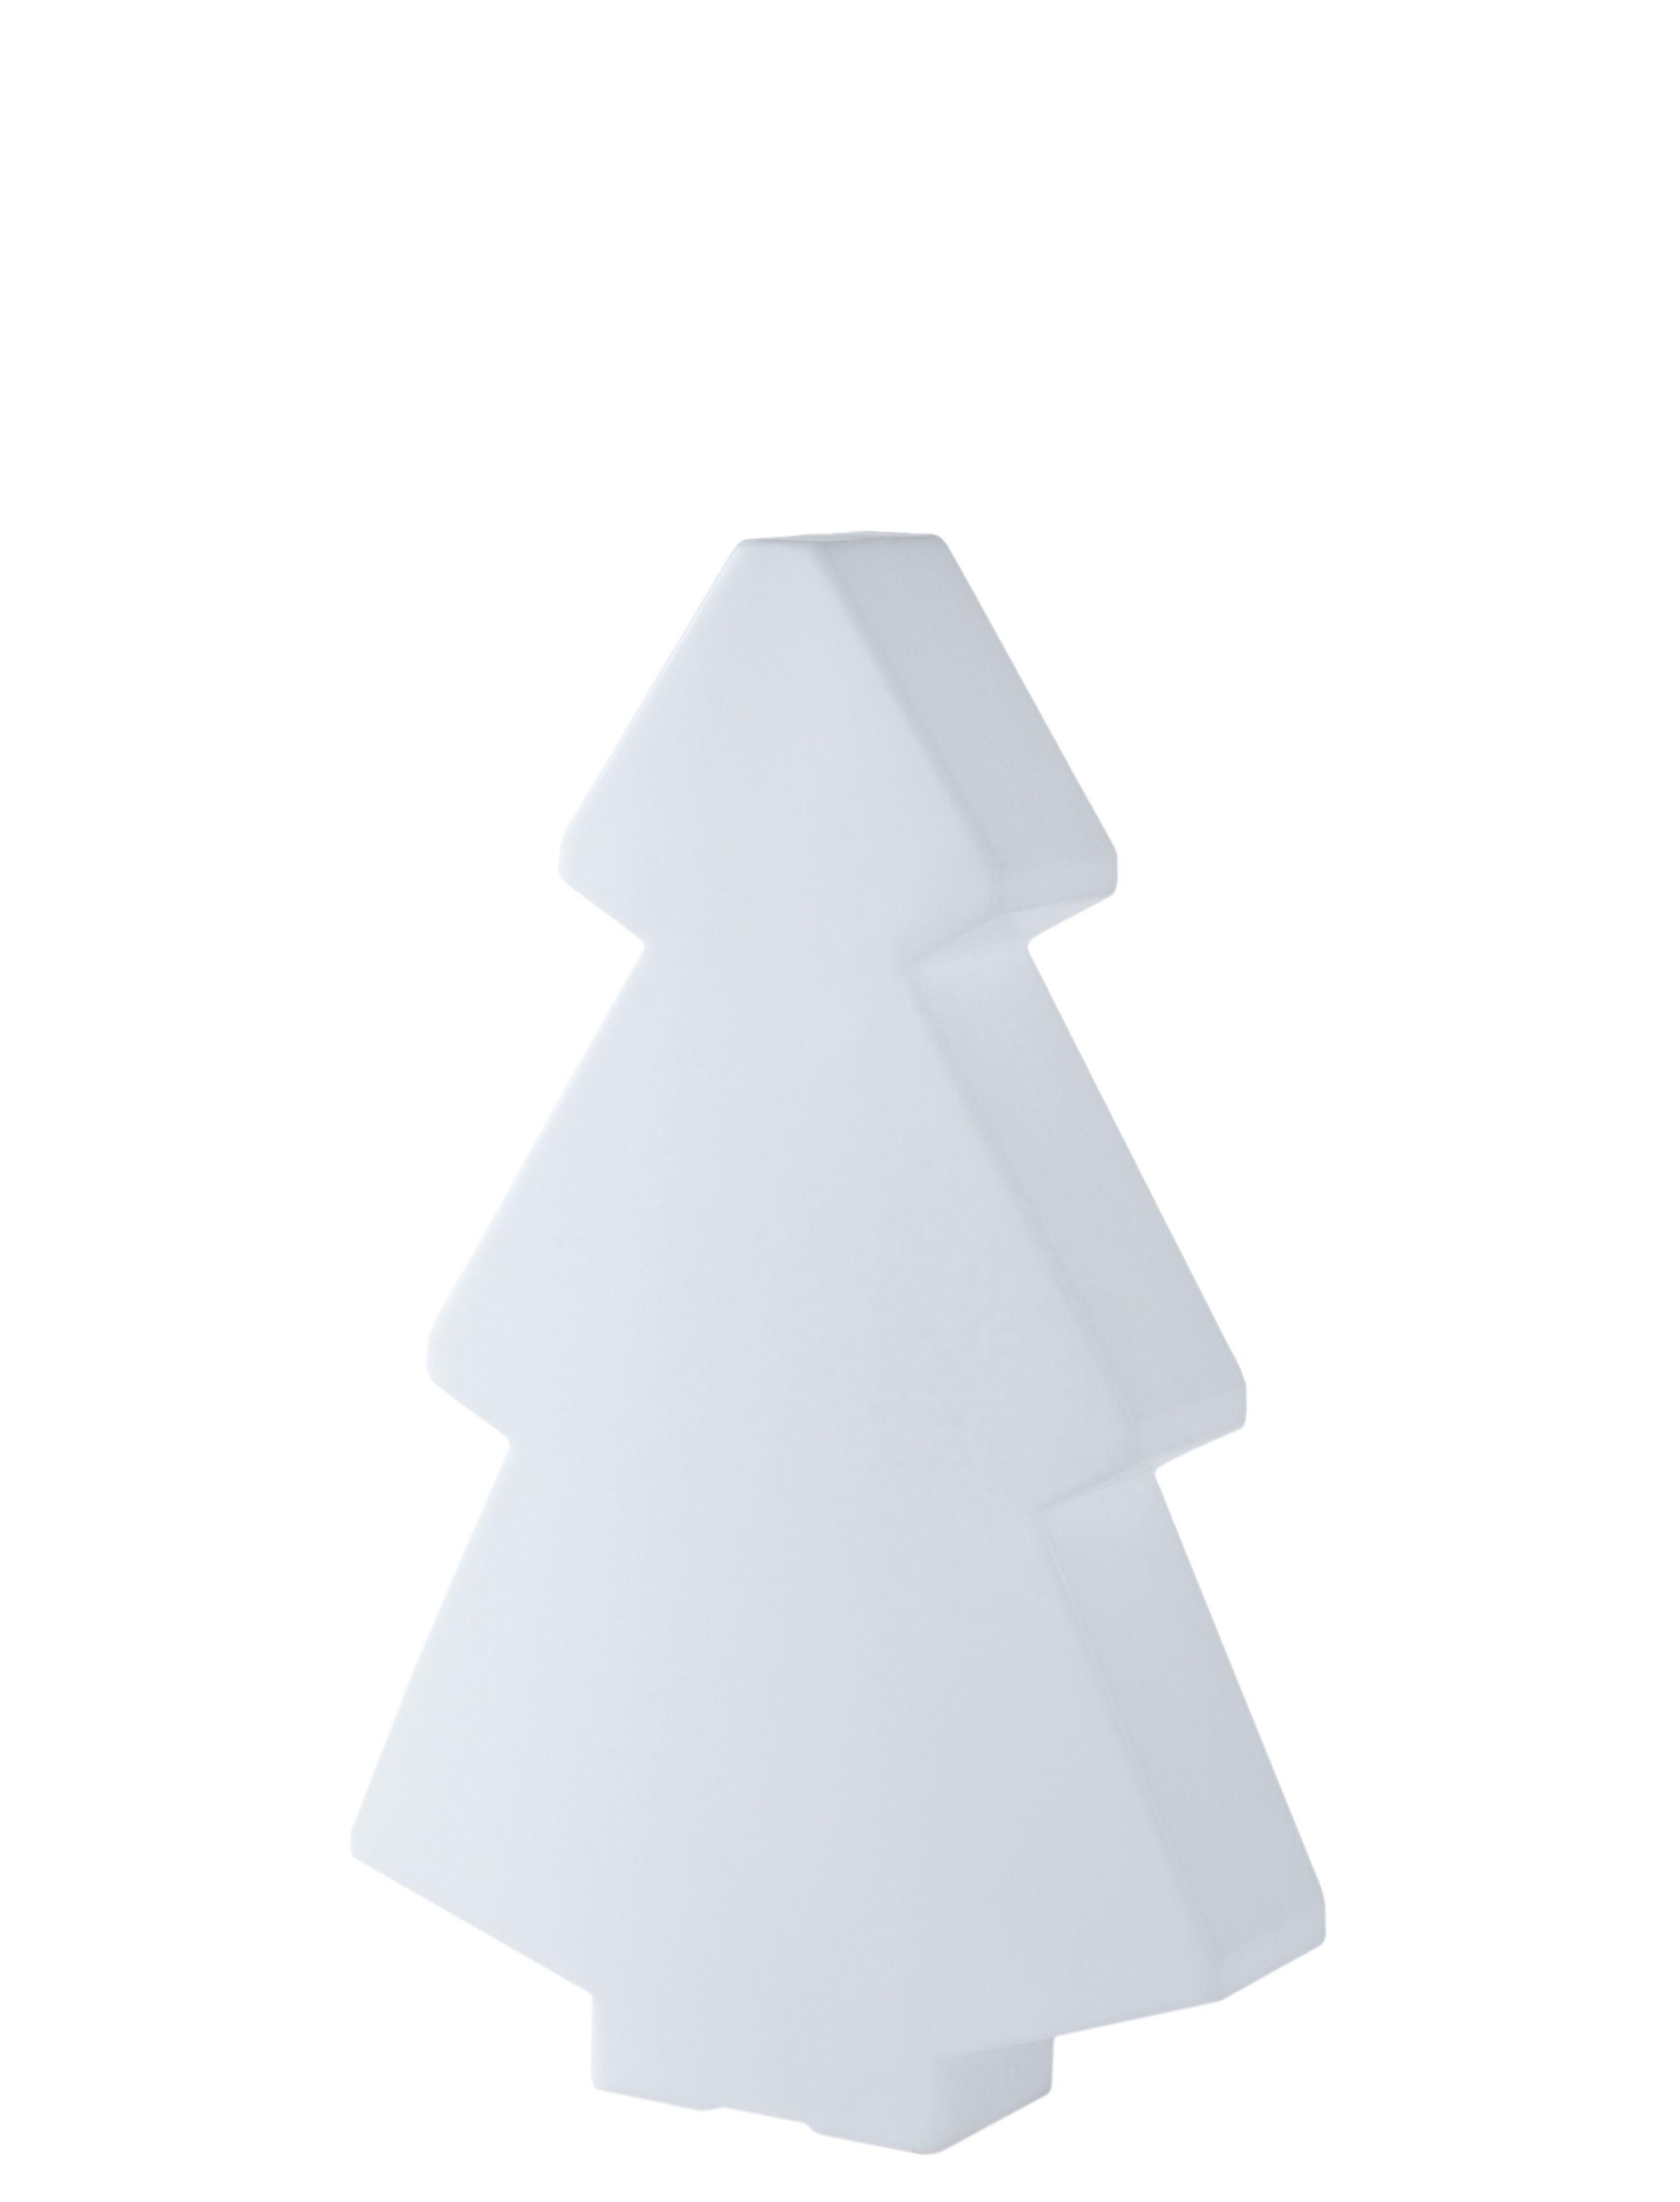 Leuchten - Tischleuchten - Lightree Indoor Tischleuchte H 45 cm - für innen - Slide - Weiß - Polyéthylène recyclable rotomoulé